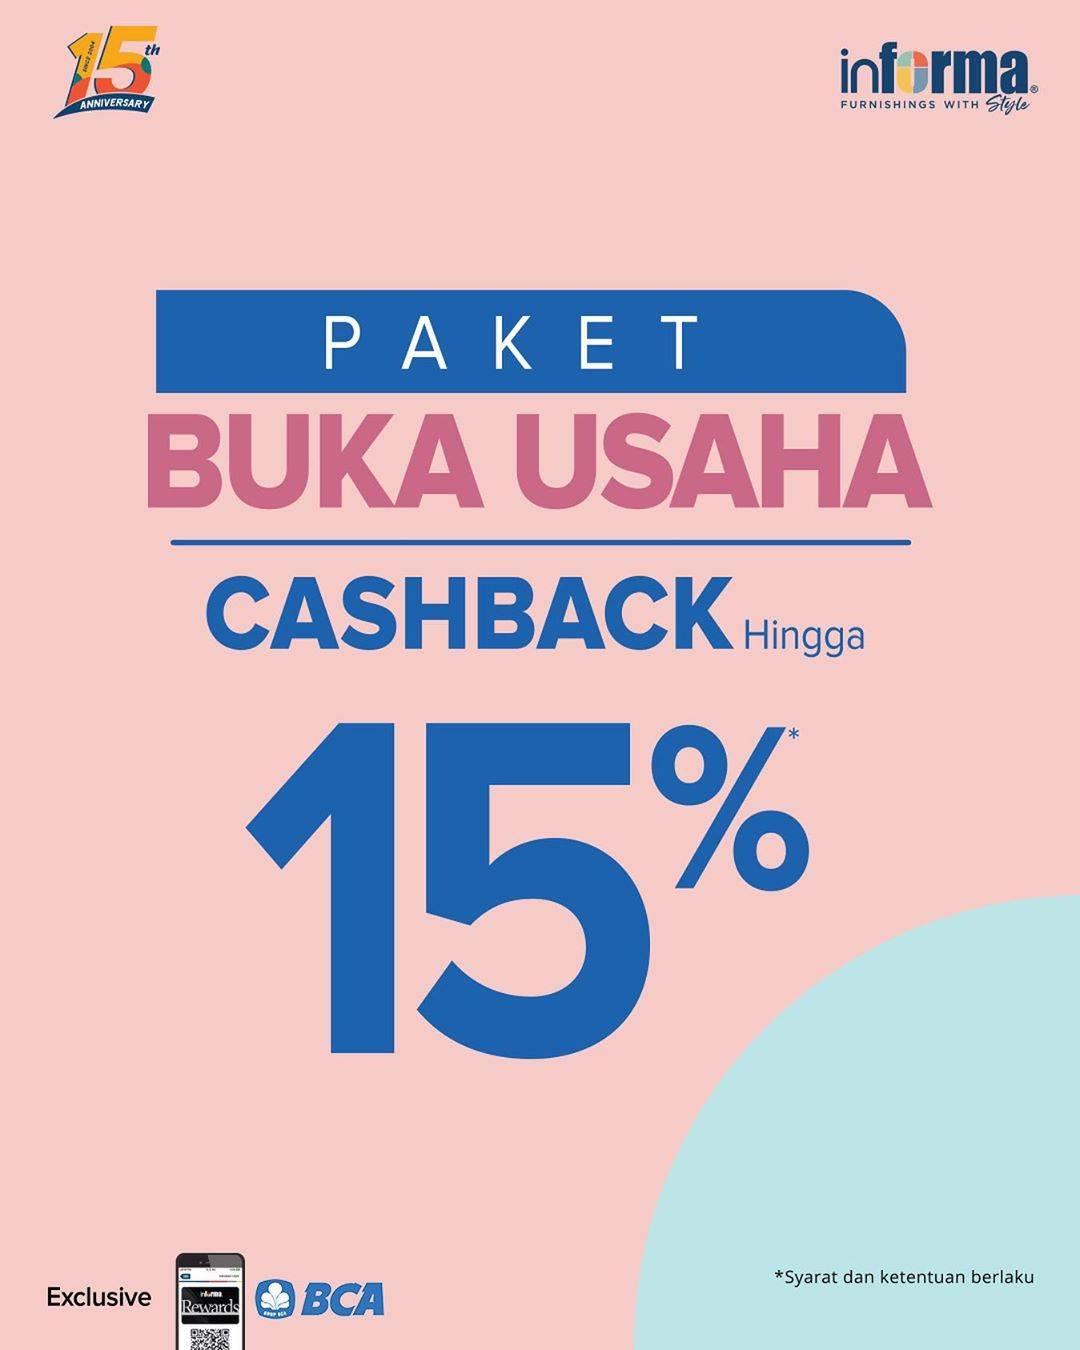 Informa Promo Paket Bikin Usaha Cashback Hingga 15%